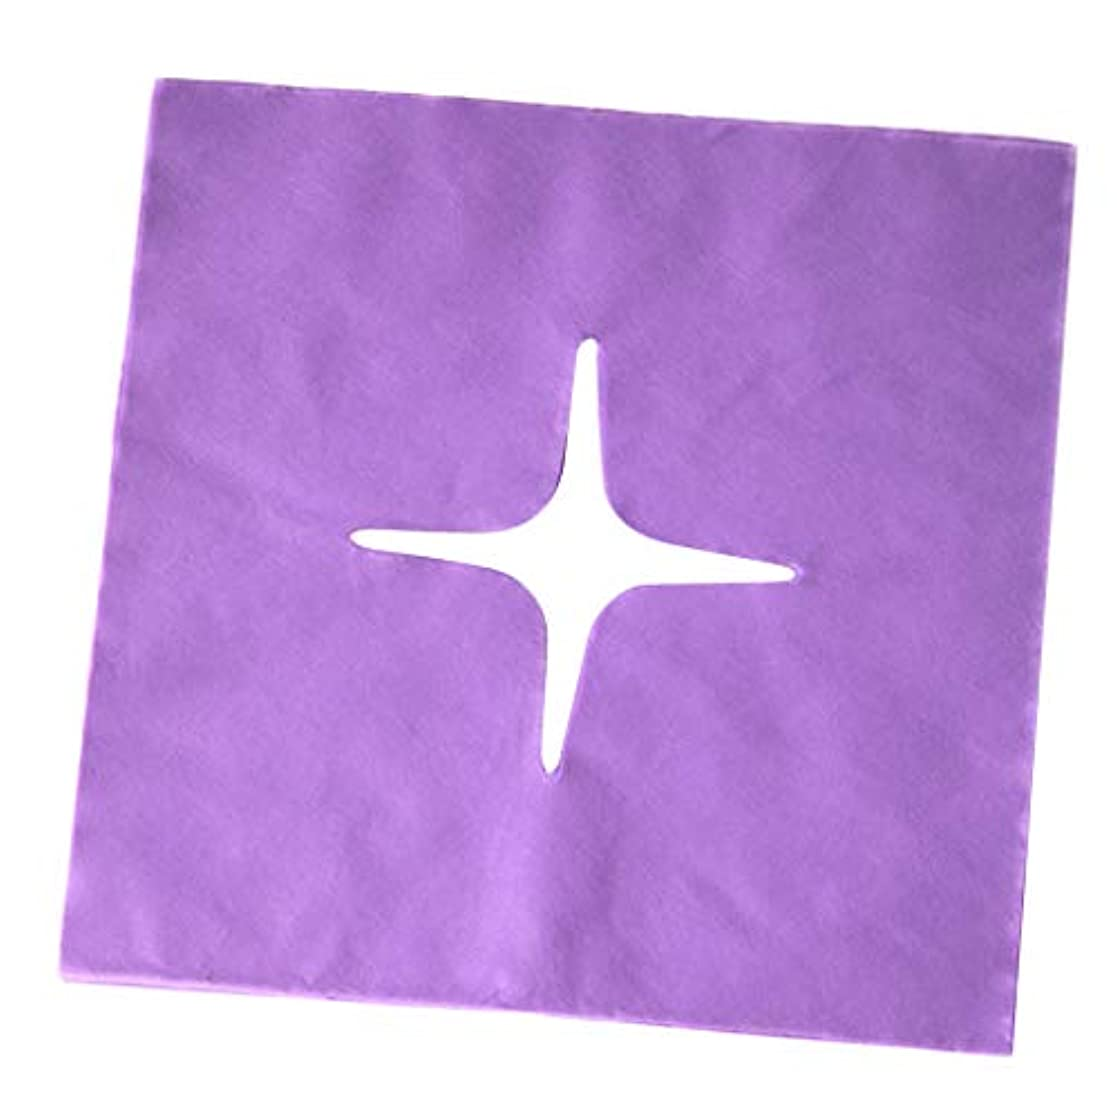 尊敬キャンディー不明瞭マッサージ フェイスクレードルカバー スパ用 美容院 ビューティーサロン マッサージサロン 全3色 - 紫の